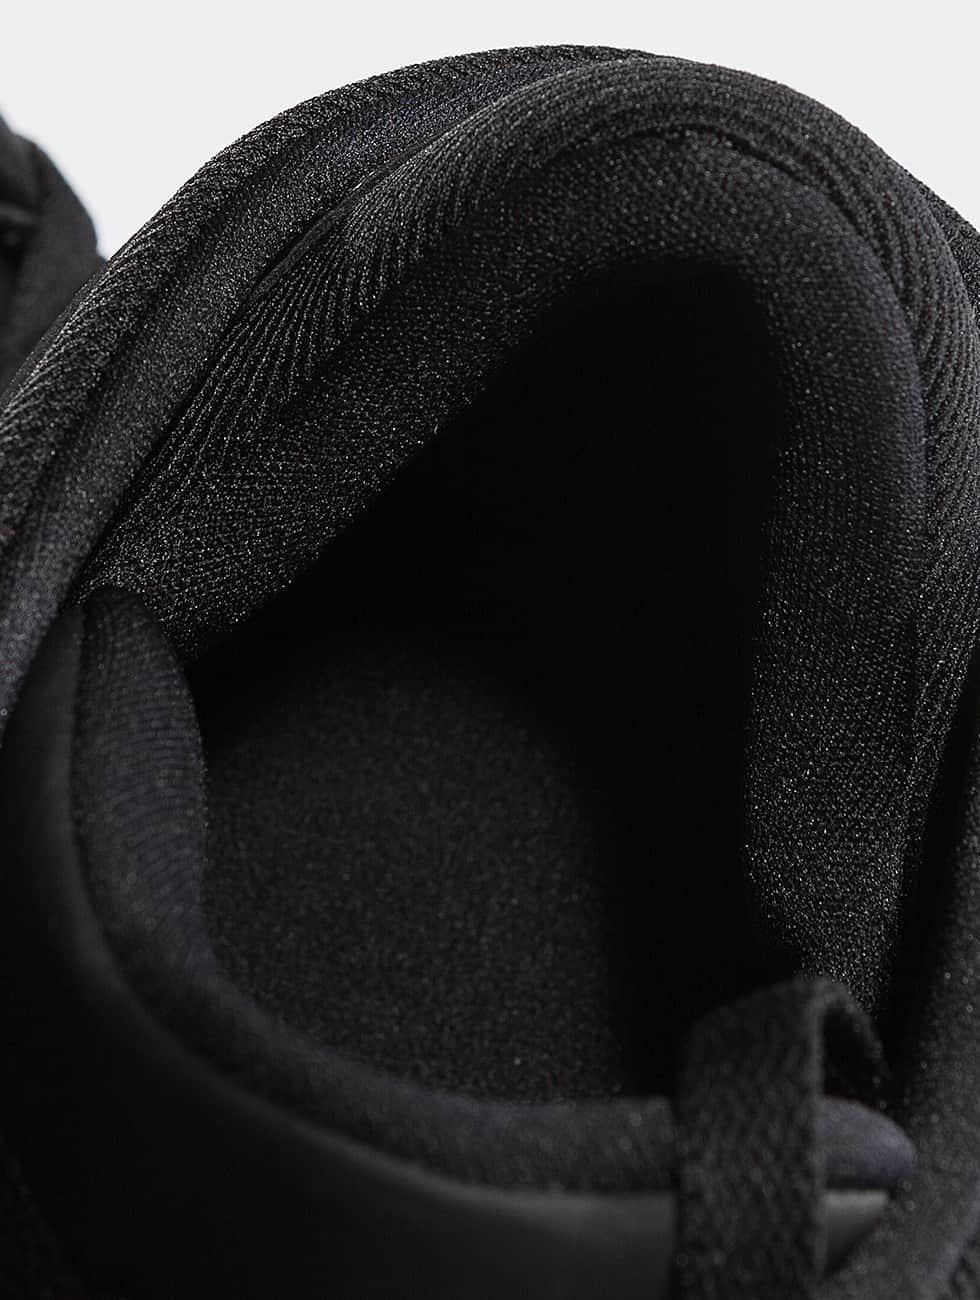 Gratis Verzending Zeer Goedkoop Gratis Verzending Pick Een Best Jordan schoen / sneaker Flight Origin 4 (GS) in zwart 333008 Bekijken Goedkope Prijs wWJqTV8Tb